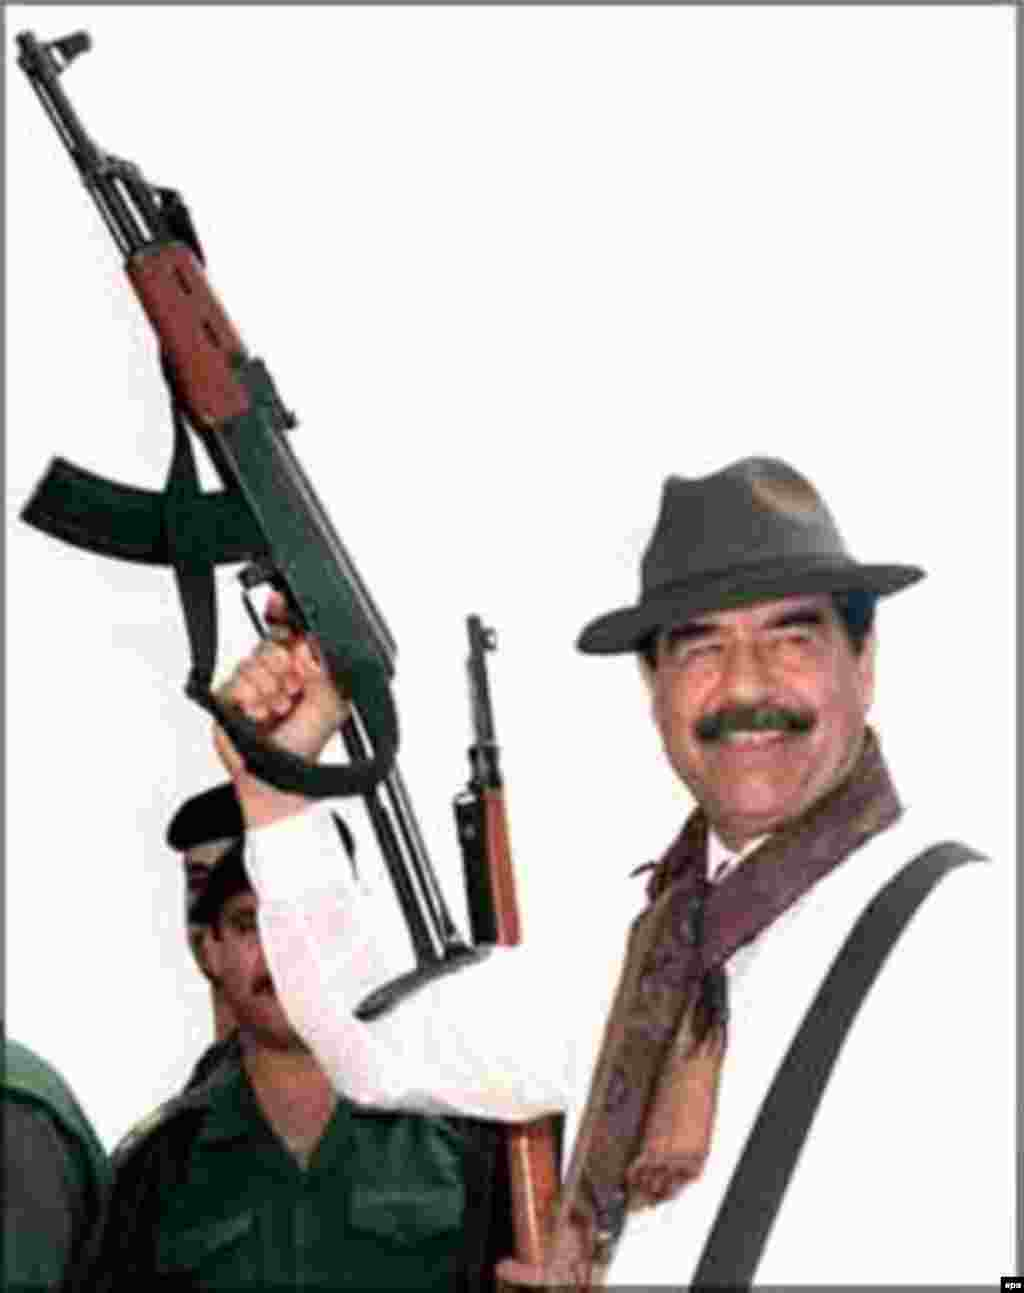 Iraq -- Saddam Hussein in the mid-1990s - Kalaşnikov totıp töşkän Xösäyen - 1990nçı yıllarda kiñ taralğan räsem. İran-Ğiraq suğışınnan soñ Xösäyenneñ iğtibarı neftkä bay Küwäytkä yünälde. Ğiraqnıñ bu ilgä $30 milliard burıçı bar ide. 1990 yılnıñ 2 Awgustında Xösäyen kürşe Küwäytkä basıp kerde, berençe Farsı Qultığı suğışı başlandı. (epa)